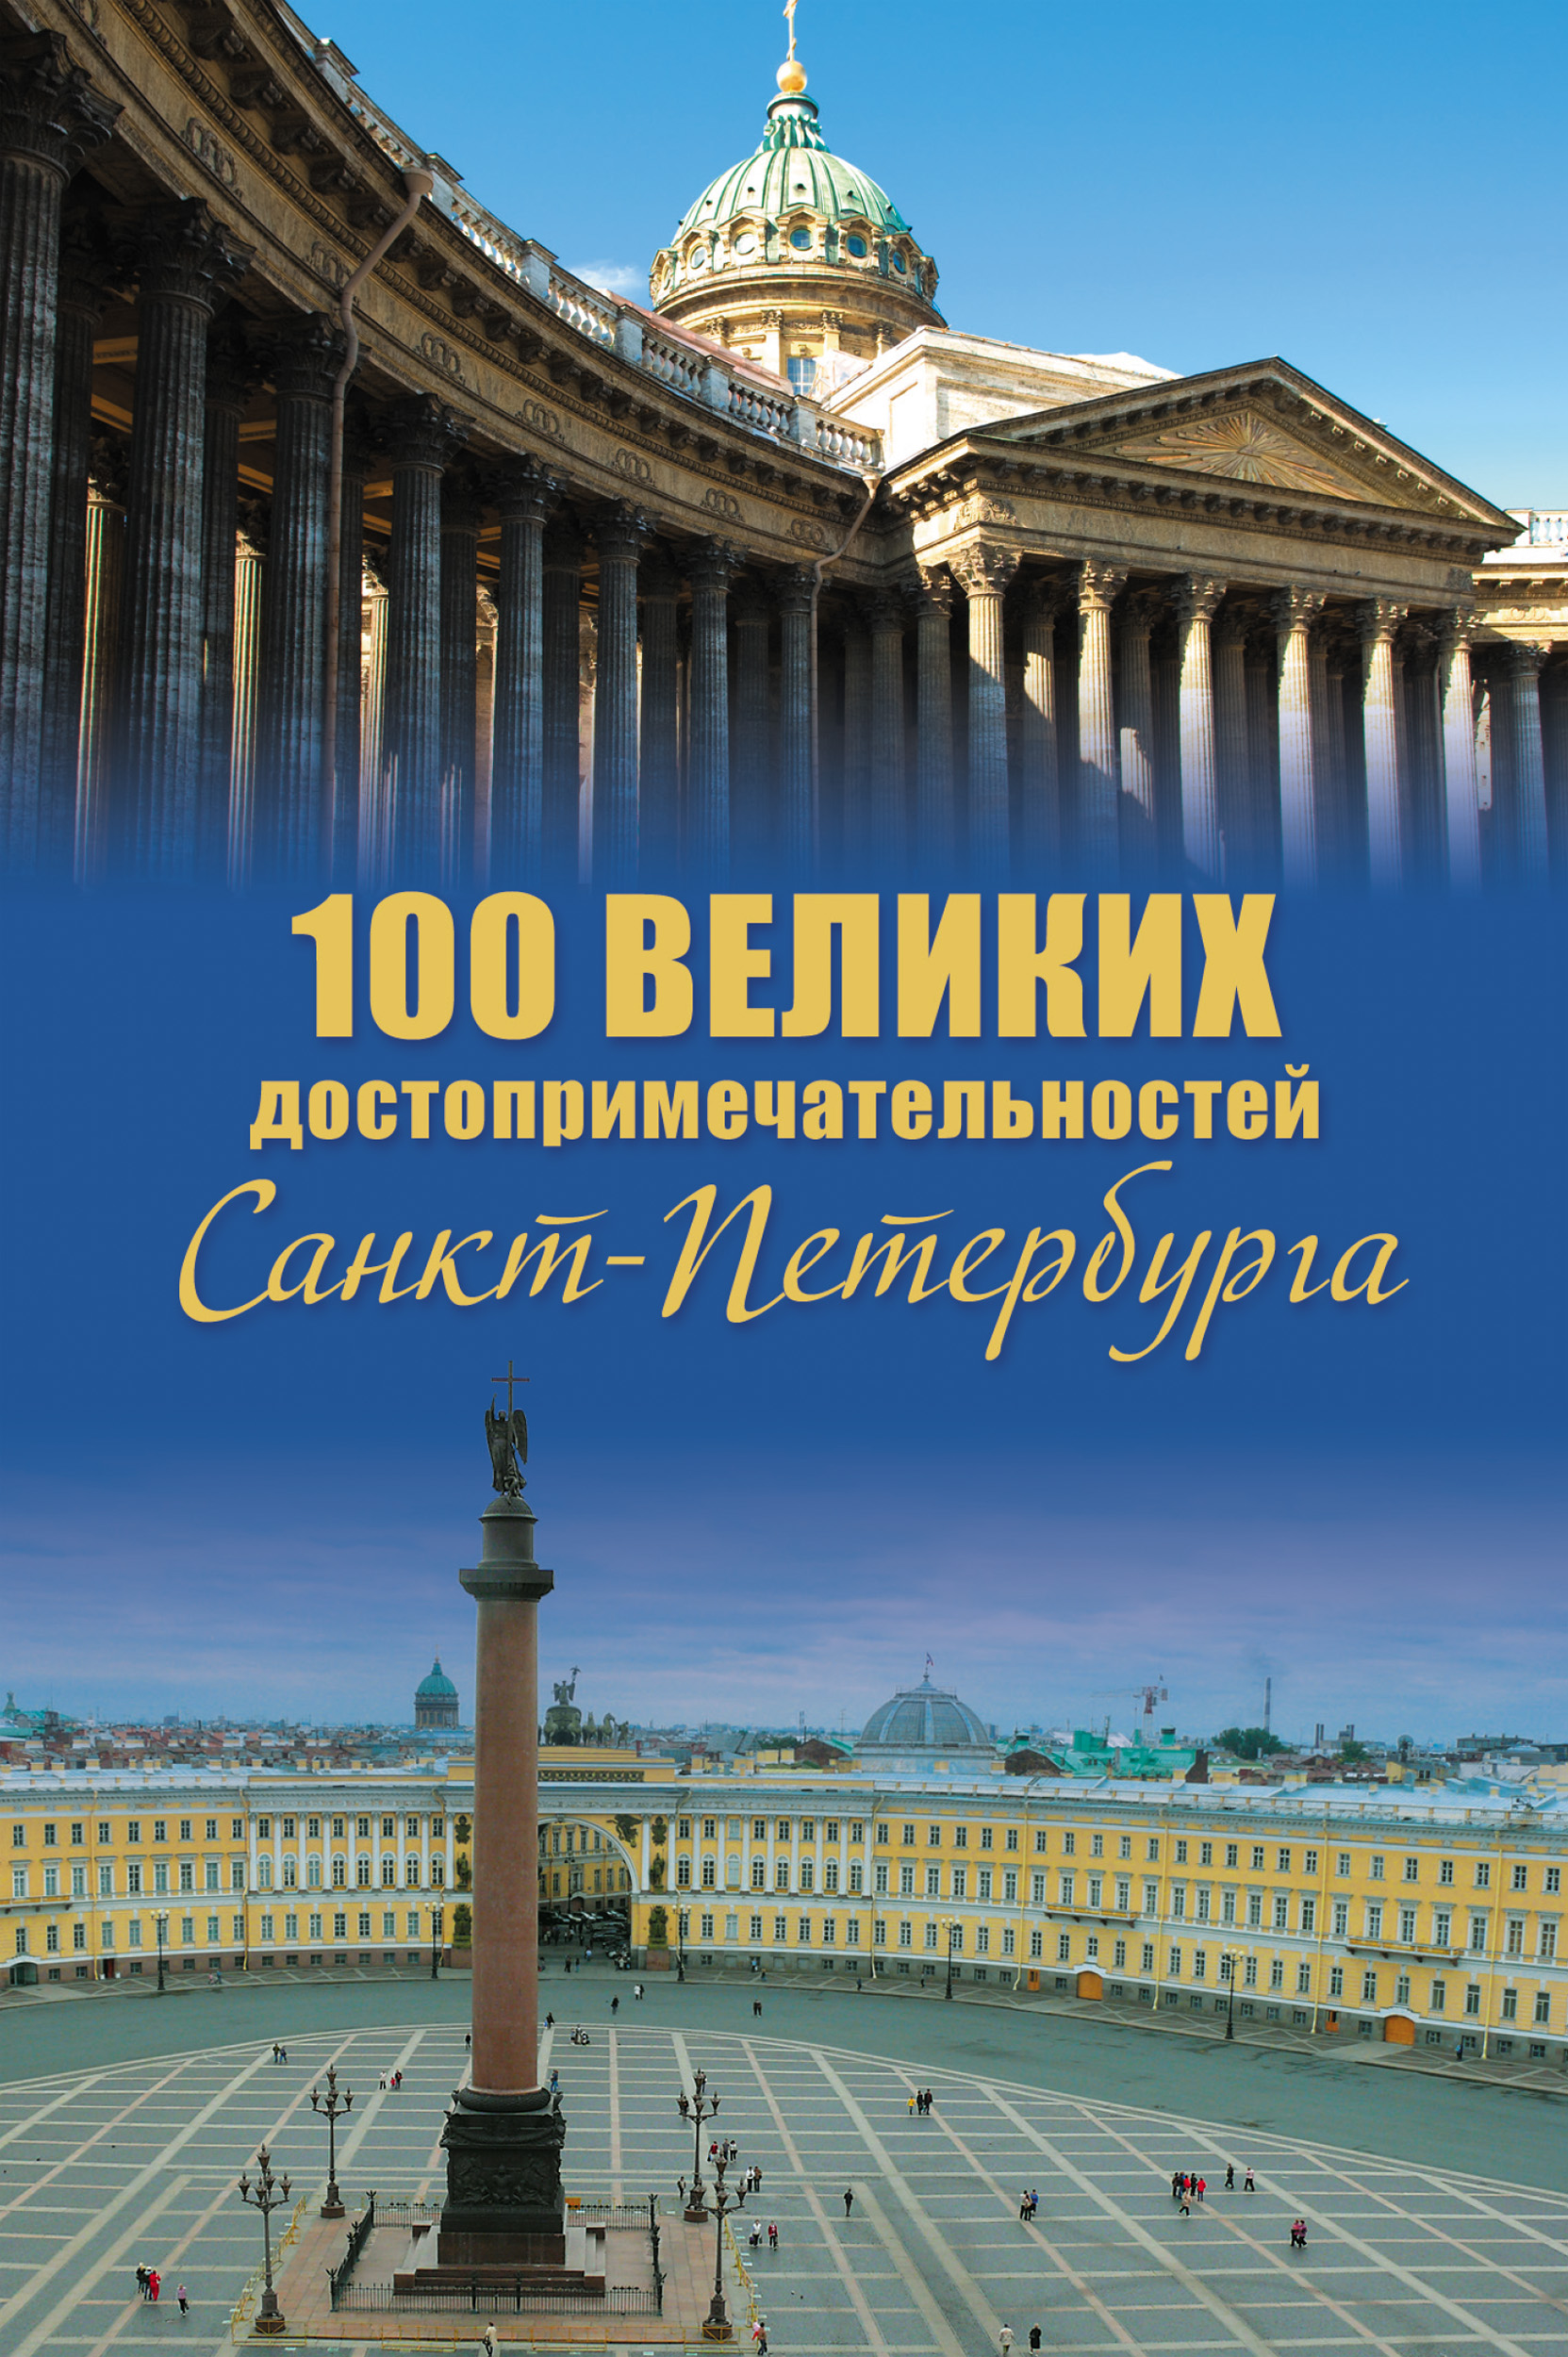 100великих достопримечательностей Санкт-Петербурга